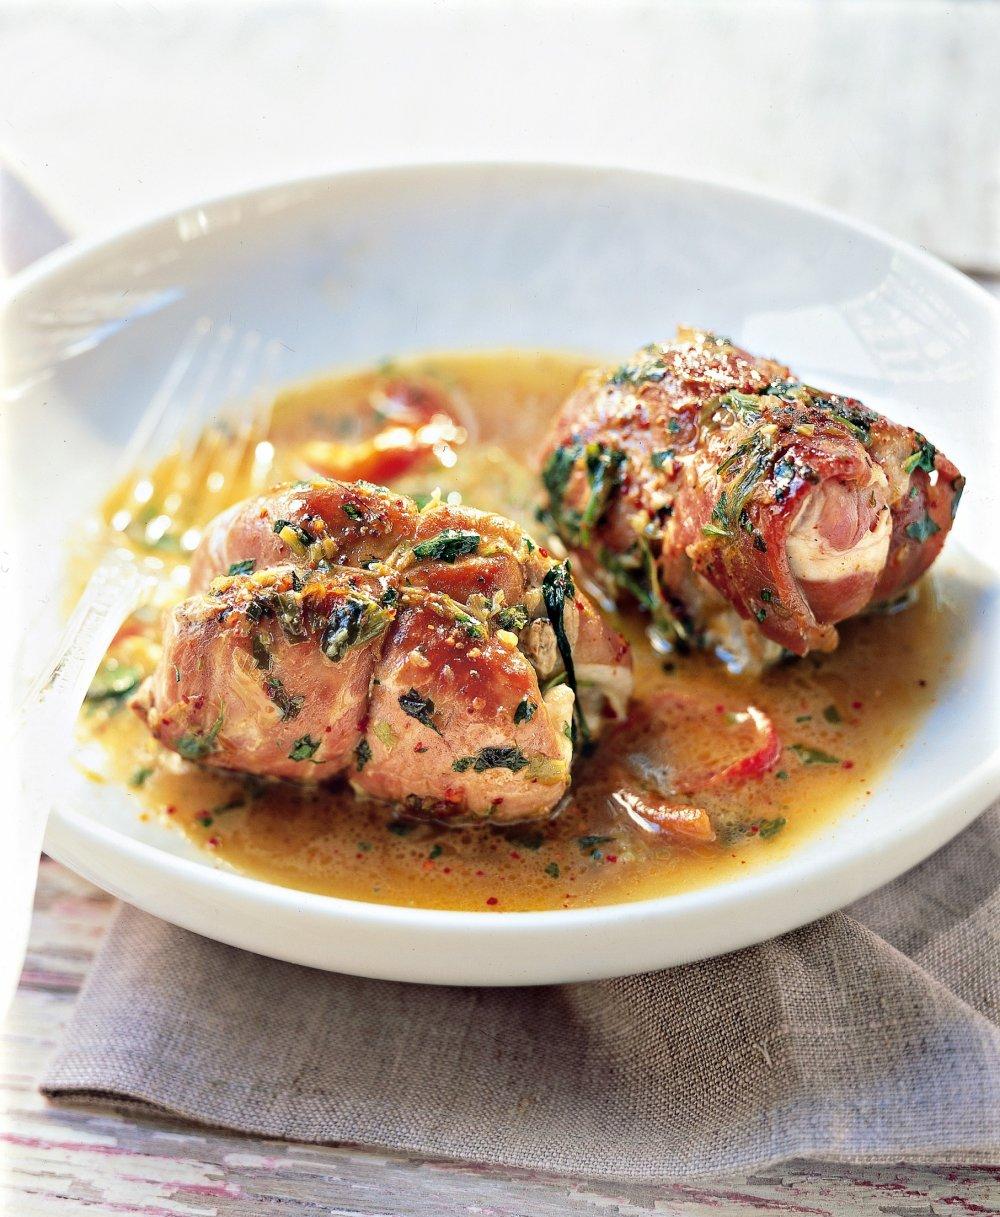 Cuisson Paupiette De Porc Au Four Simple : cuisson, paupiette, simple, Recette, Paupiettes, Jambon, Bayonne, Marie, Claire